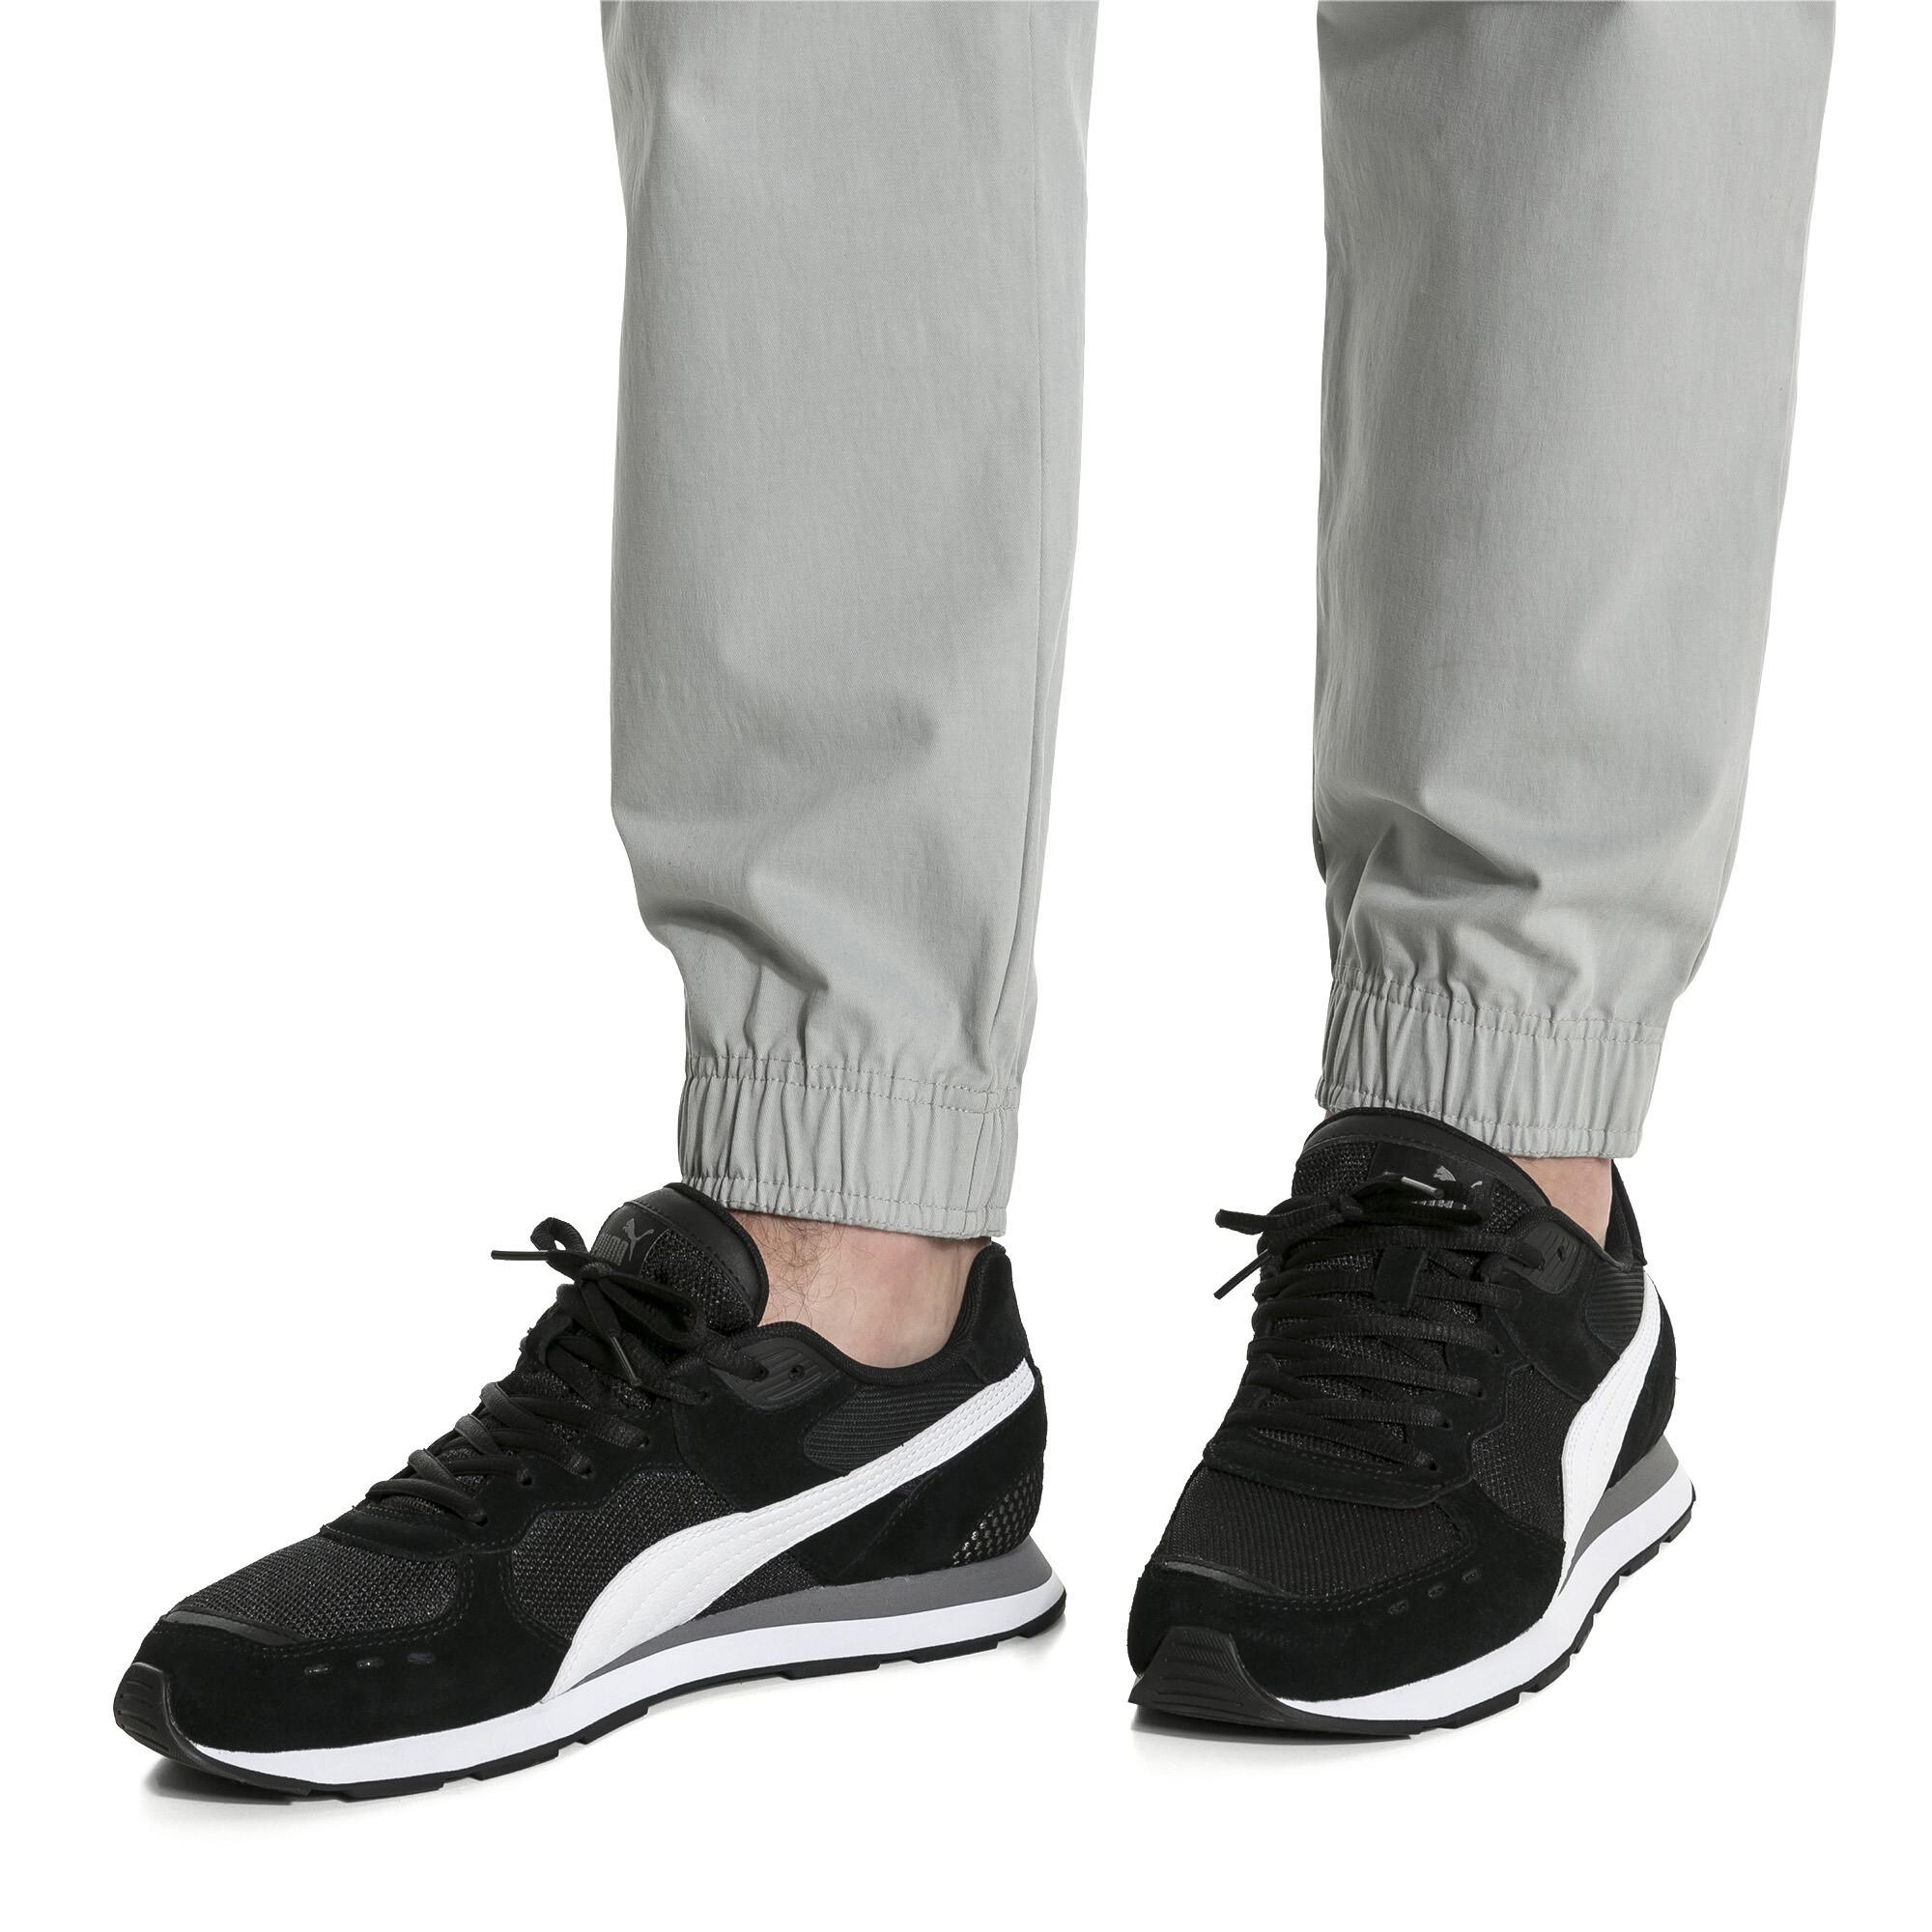 Black-White-Charcoal Gray